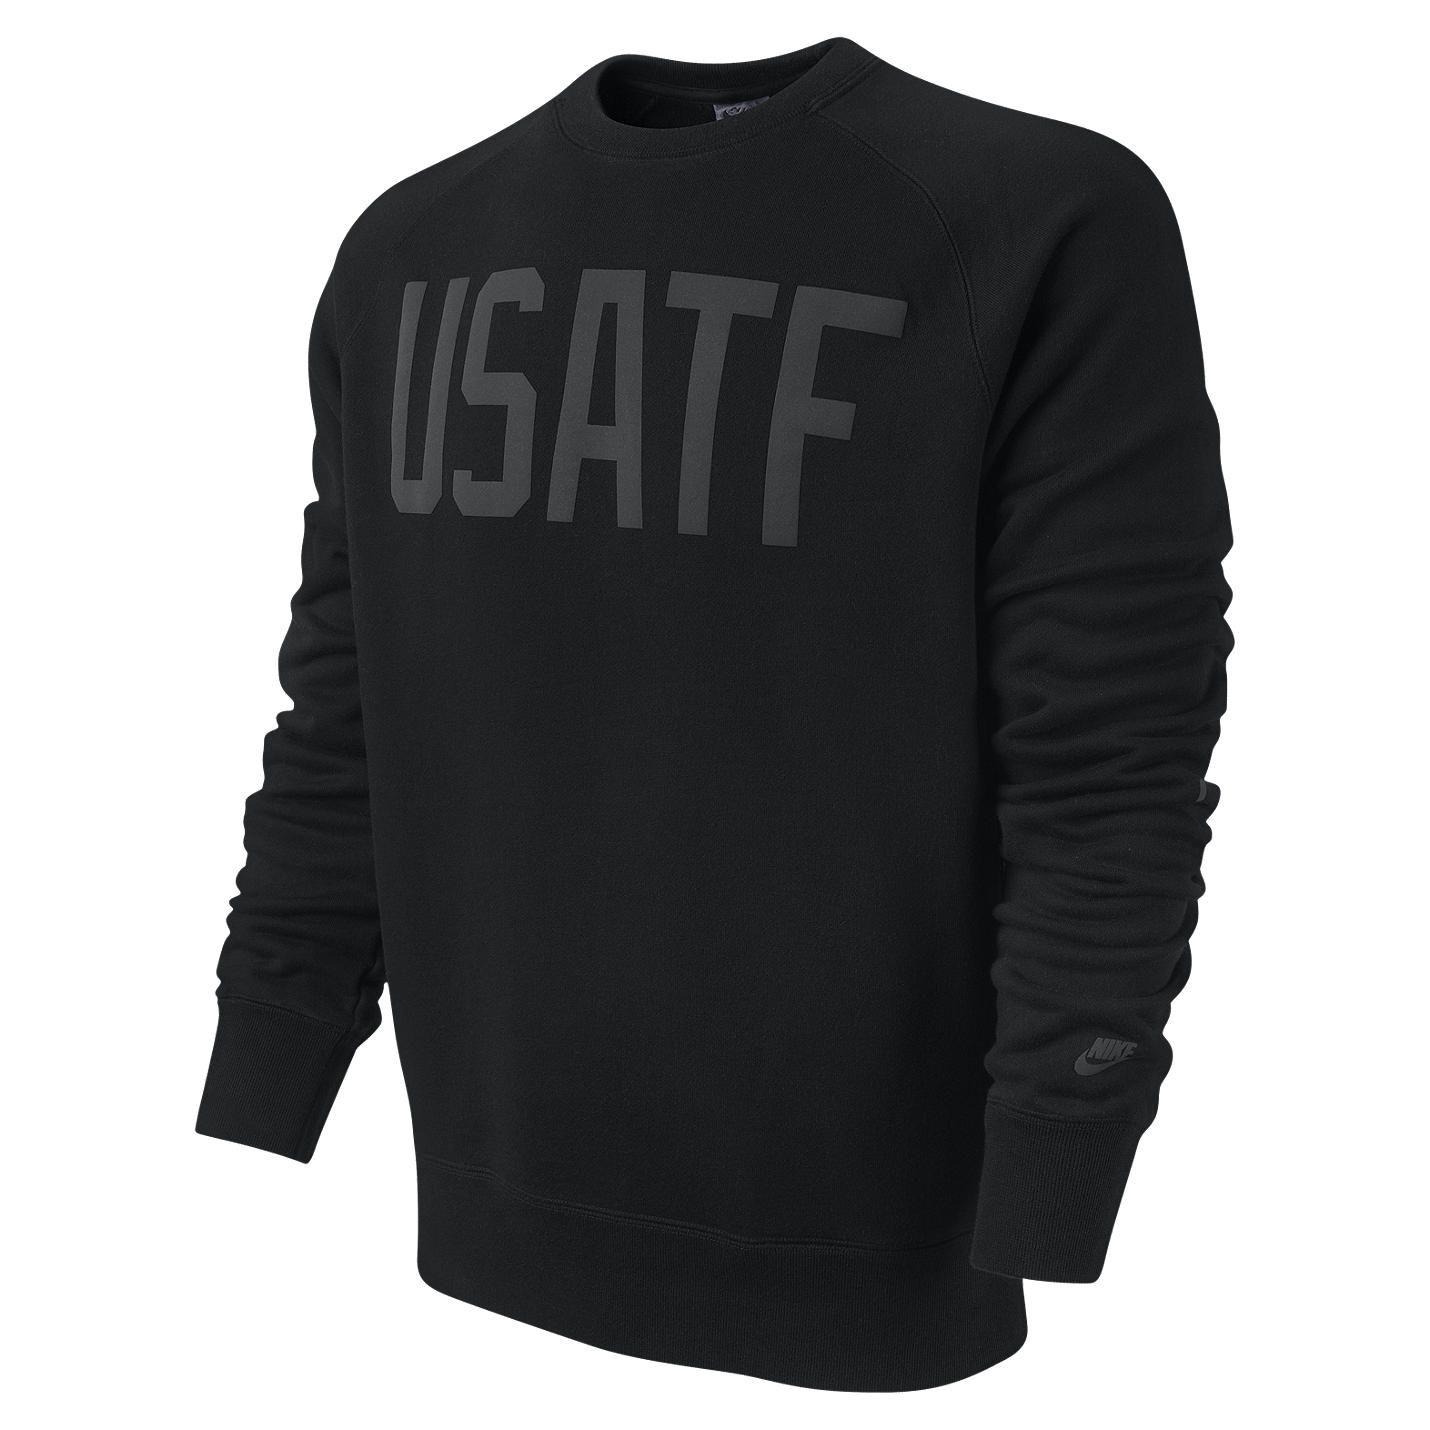 Nike Store UK. Nike Logo (USATF) Men's Sweatshirt | Mens ...